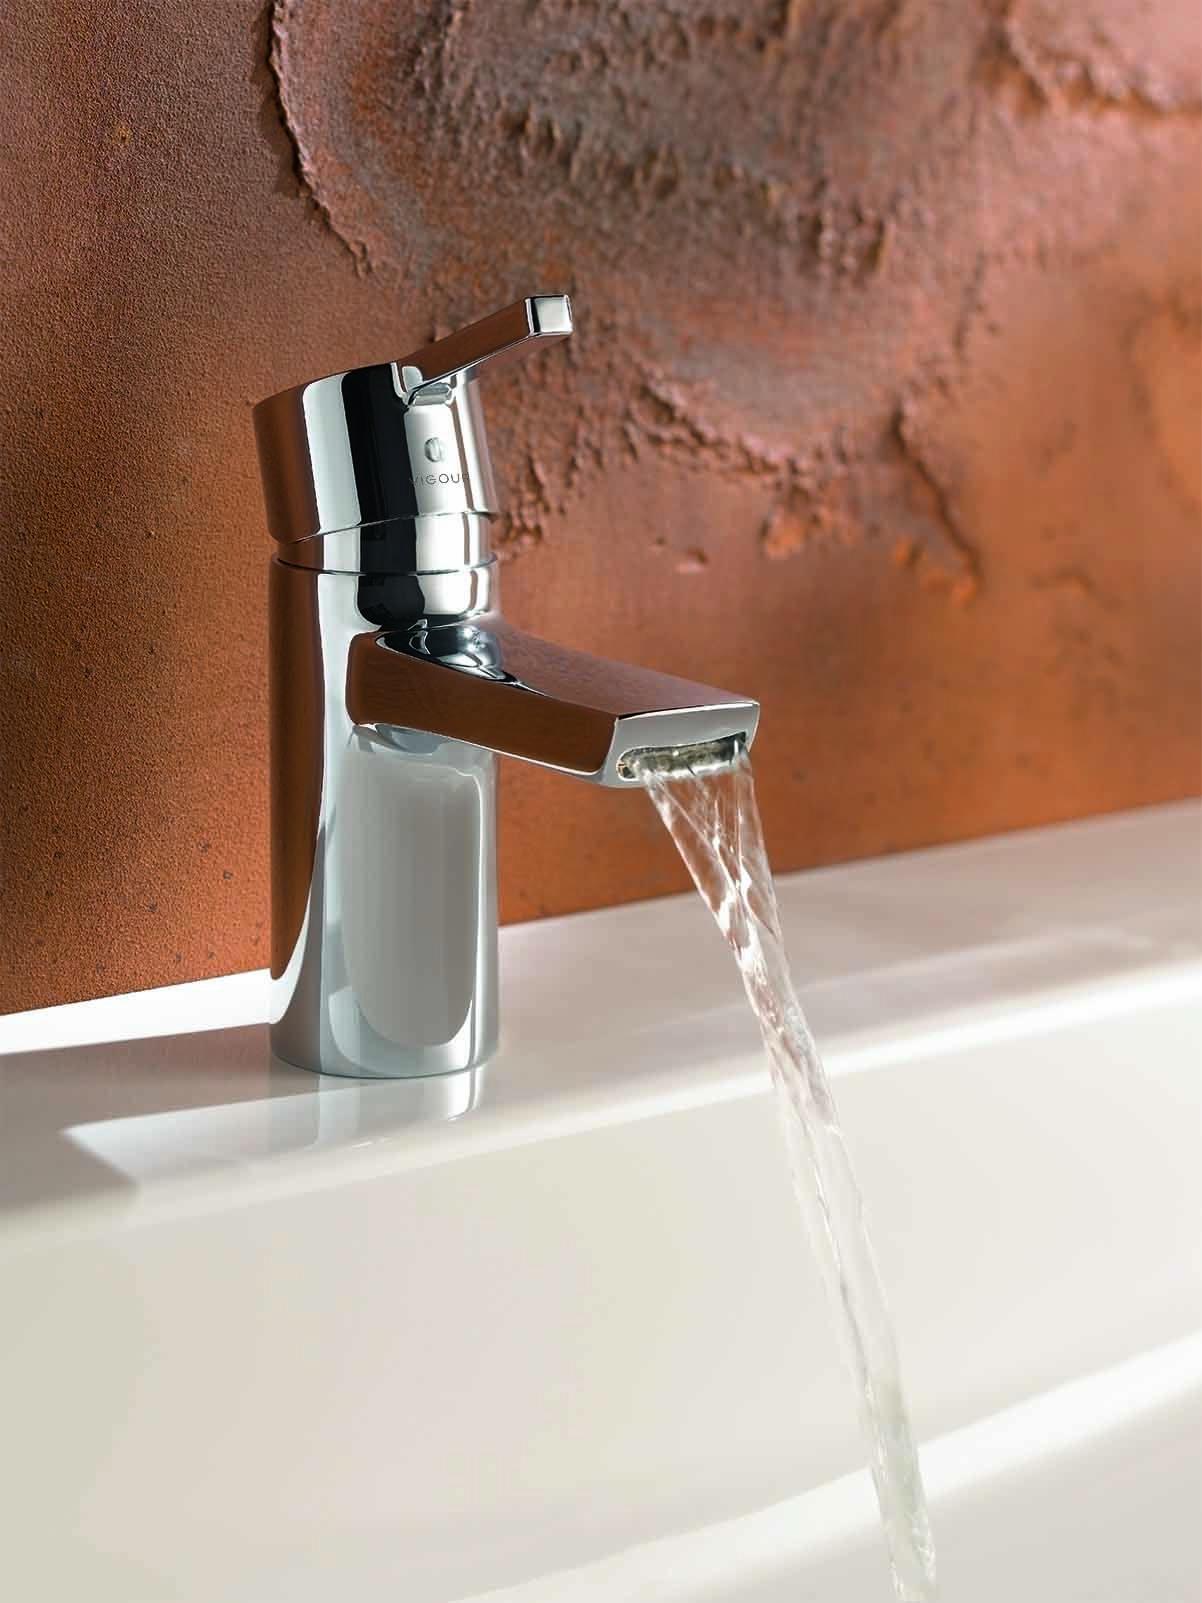 Badezimmer Armaturen In Schwarz Stilvolle Und Moderne Badausstattung Stein Badezimmer Dusche Umgestalten Armaturen Bad